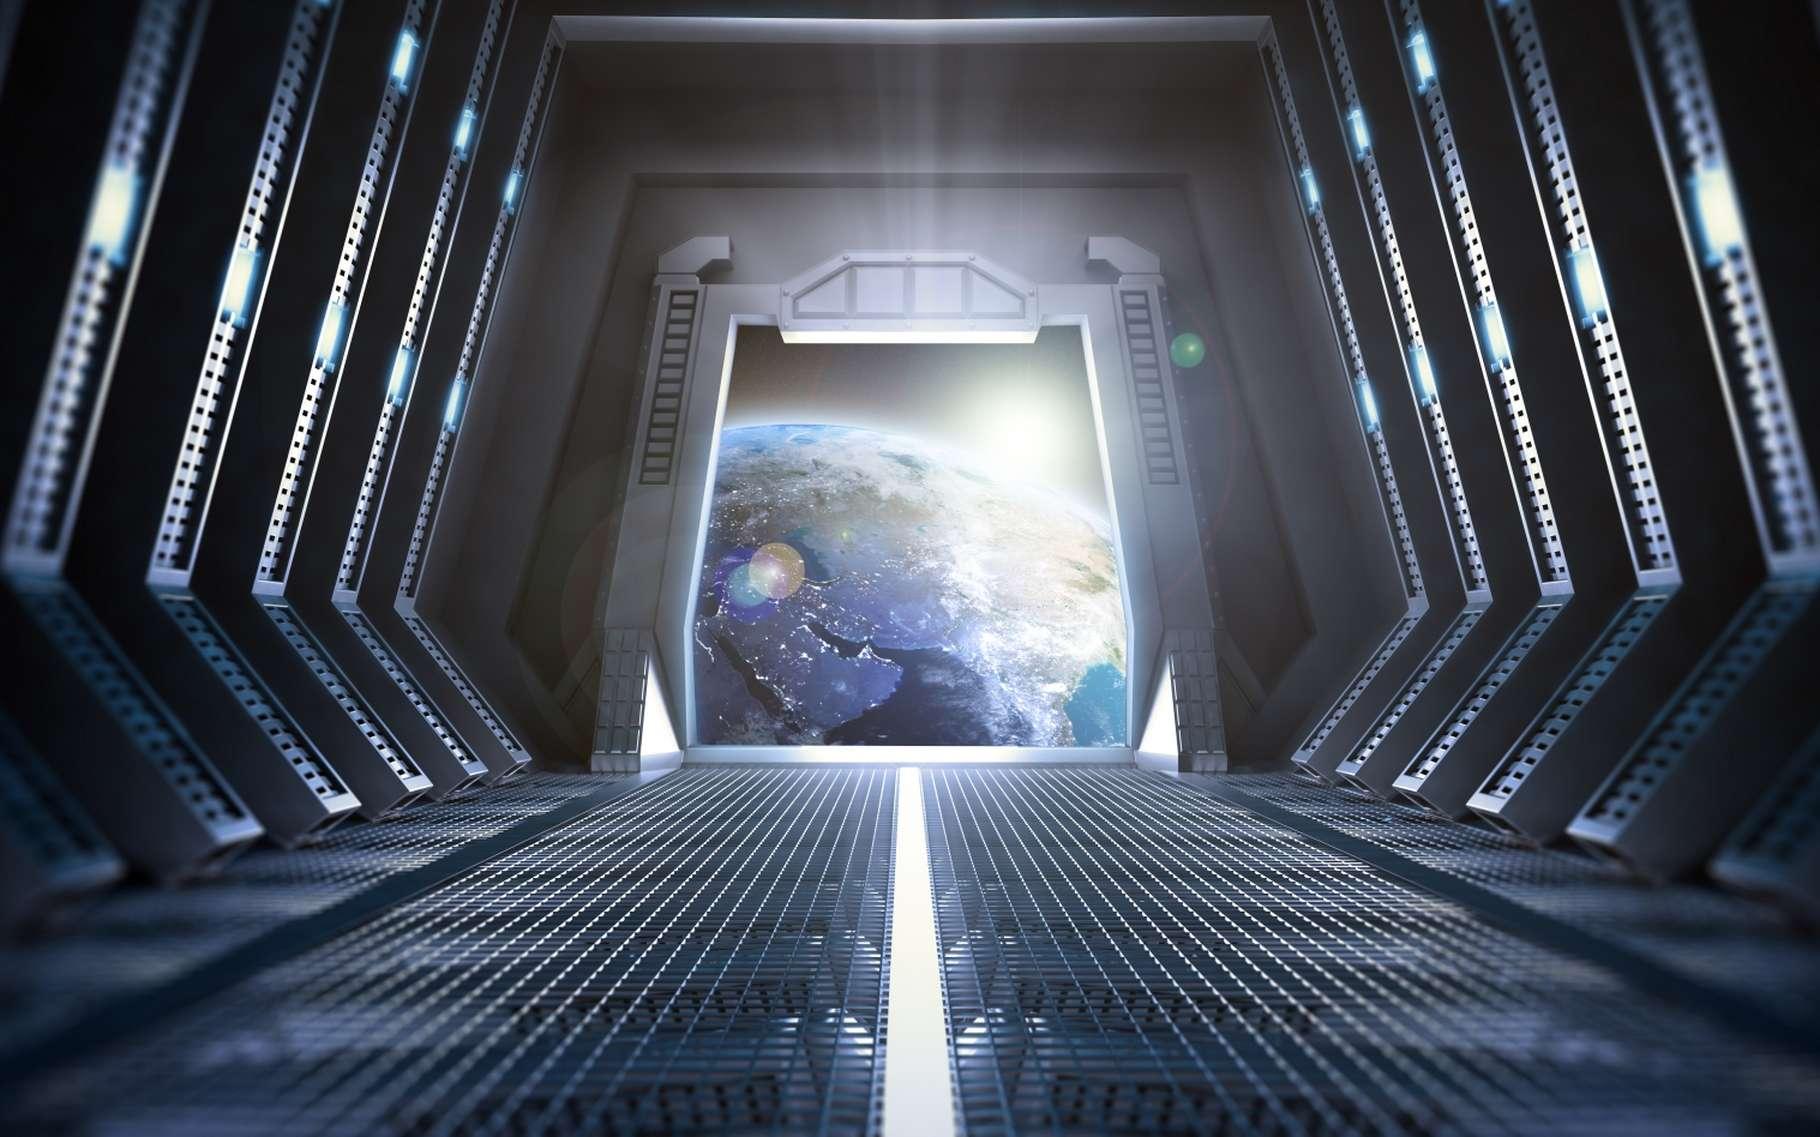 L'intérieur d'un vaisseau spatial du film Star Wars. © Shutterstock